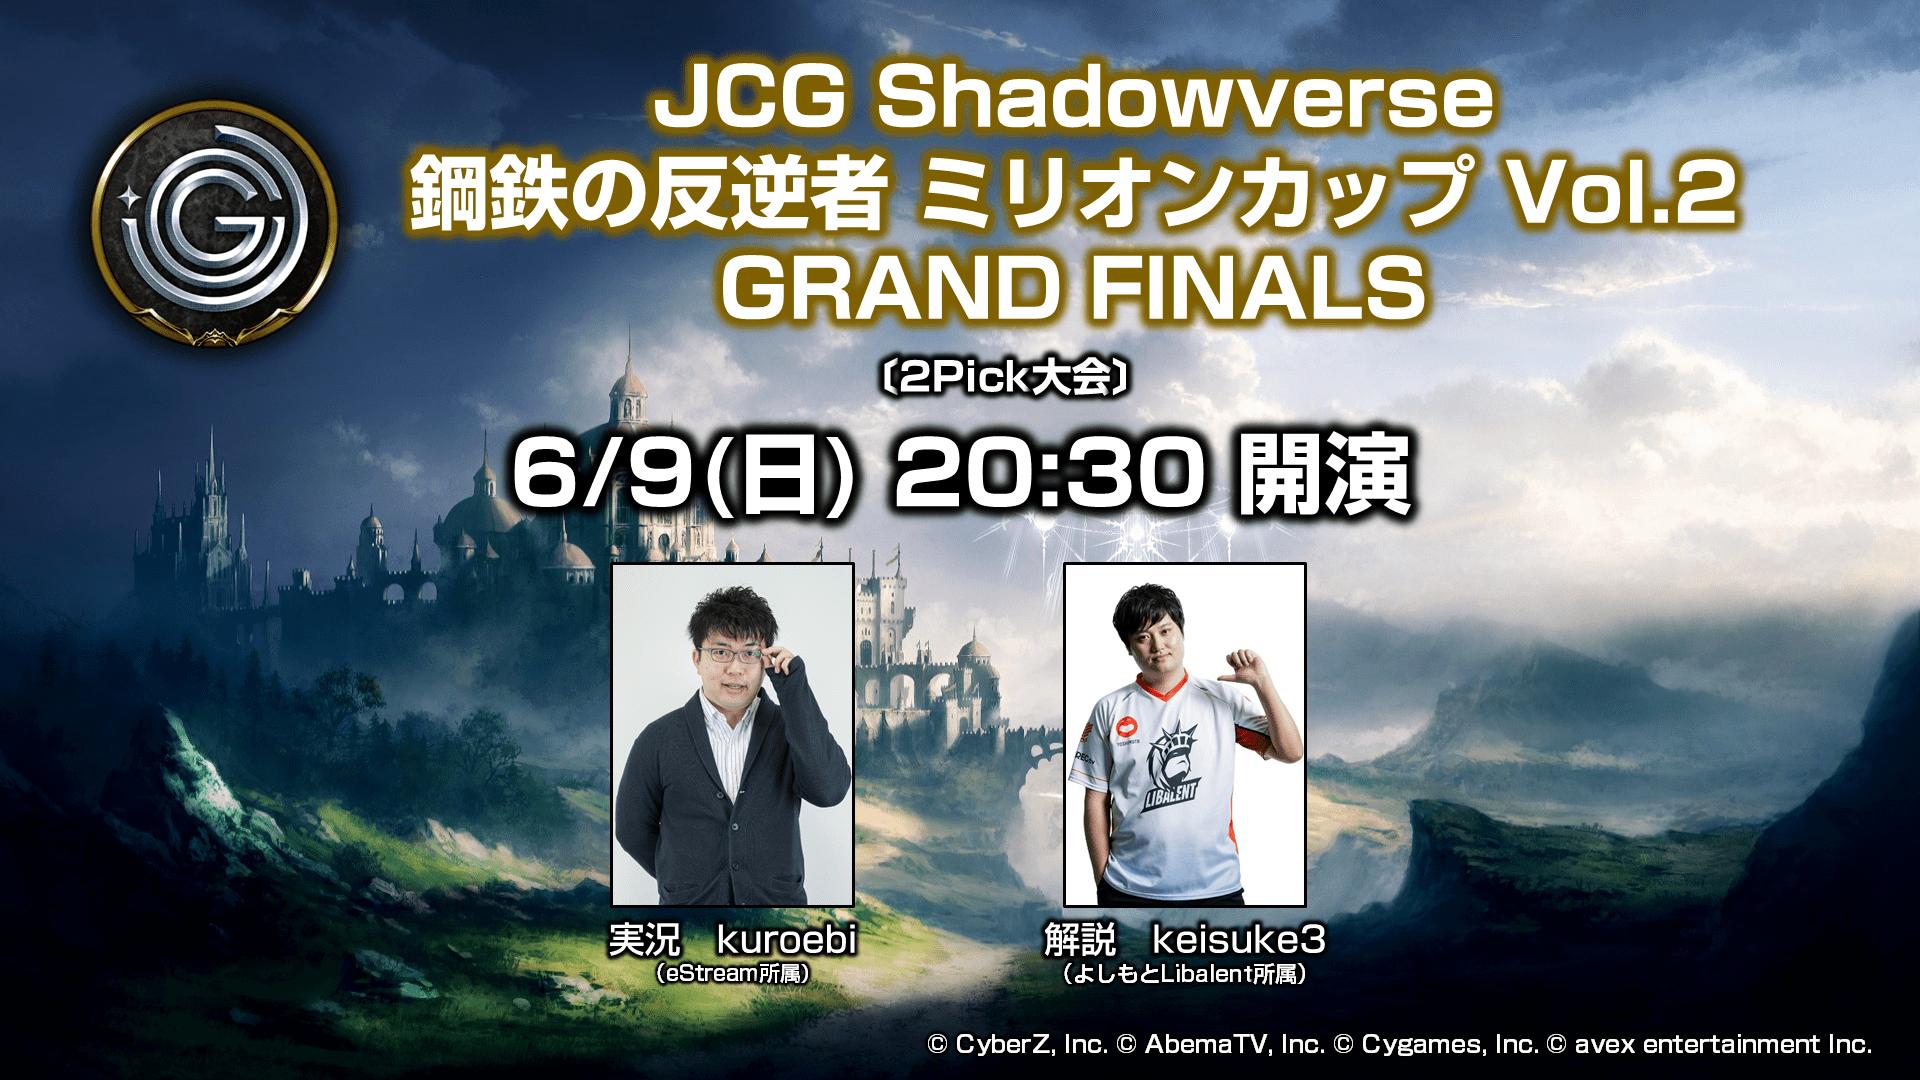 Shadowverse jcg